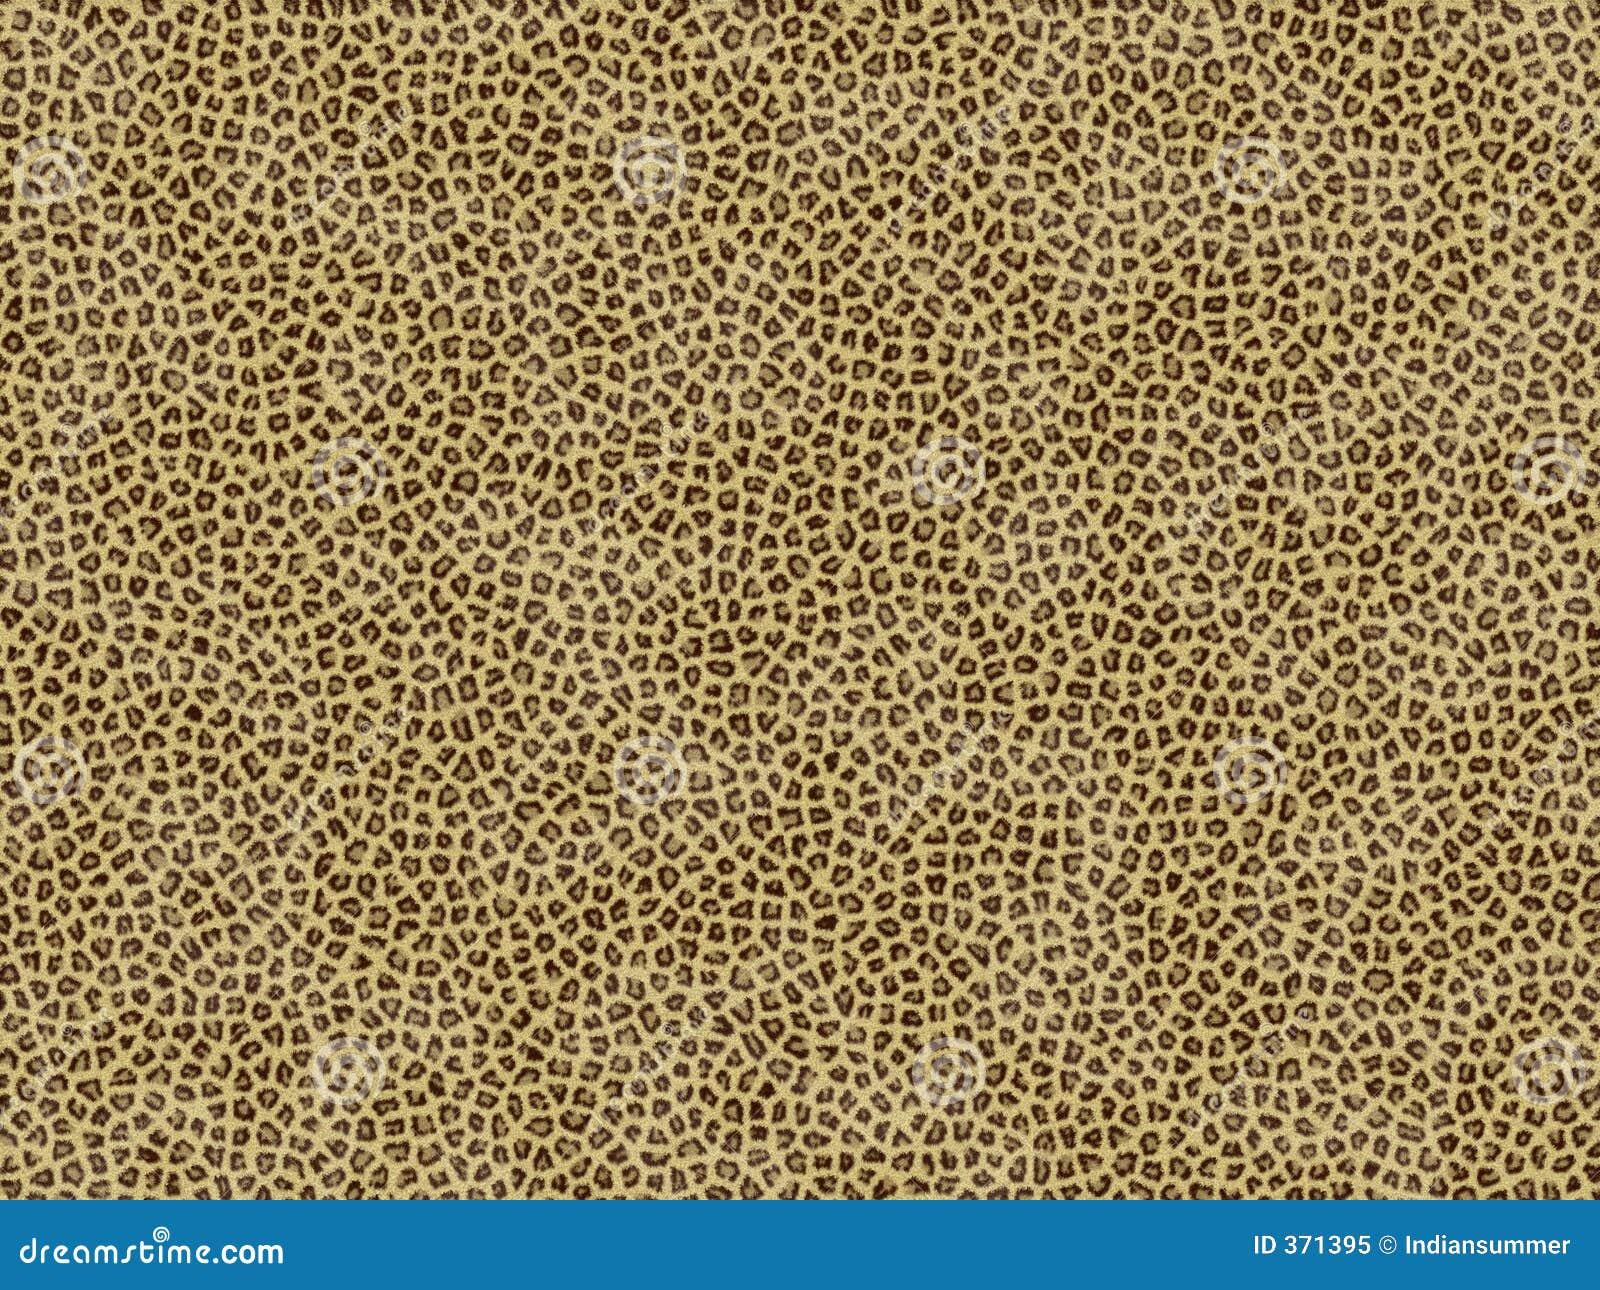 Animal Fur Texture Jaguar Royalty Free Stock Photo